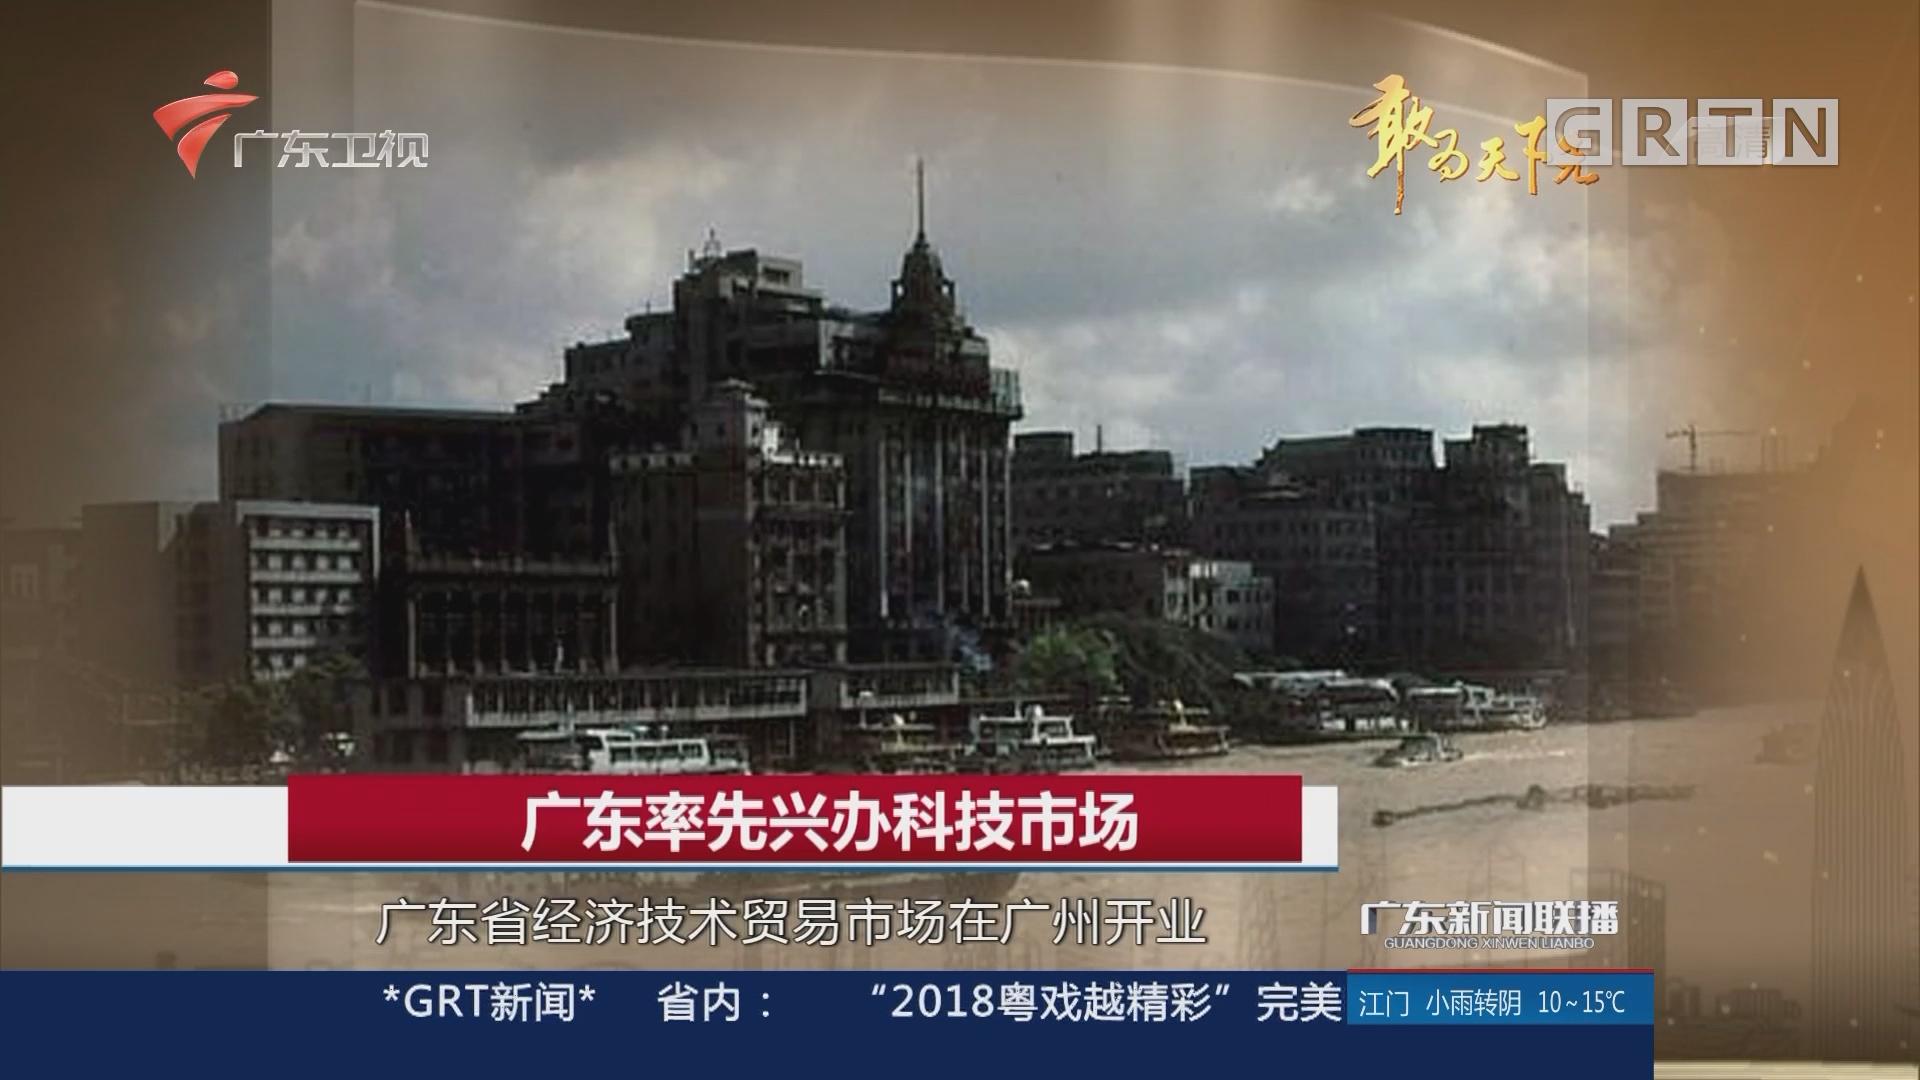 广东率先兴办科技市场